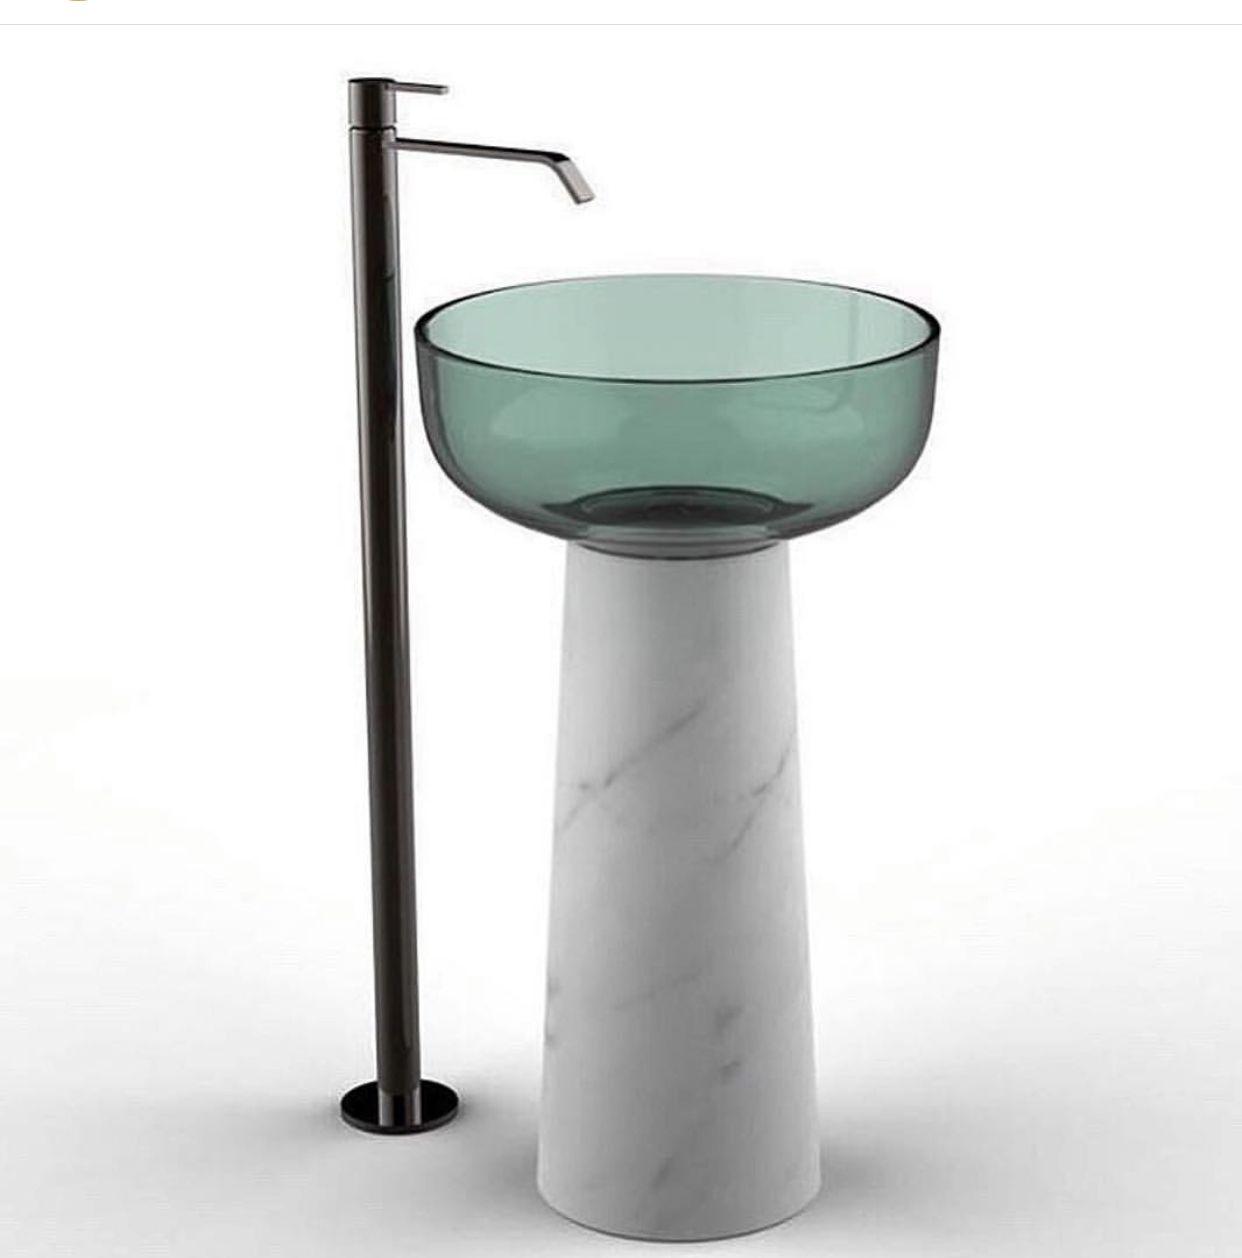 ANTONIO LUPI Design In 2019